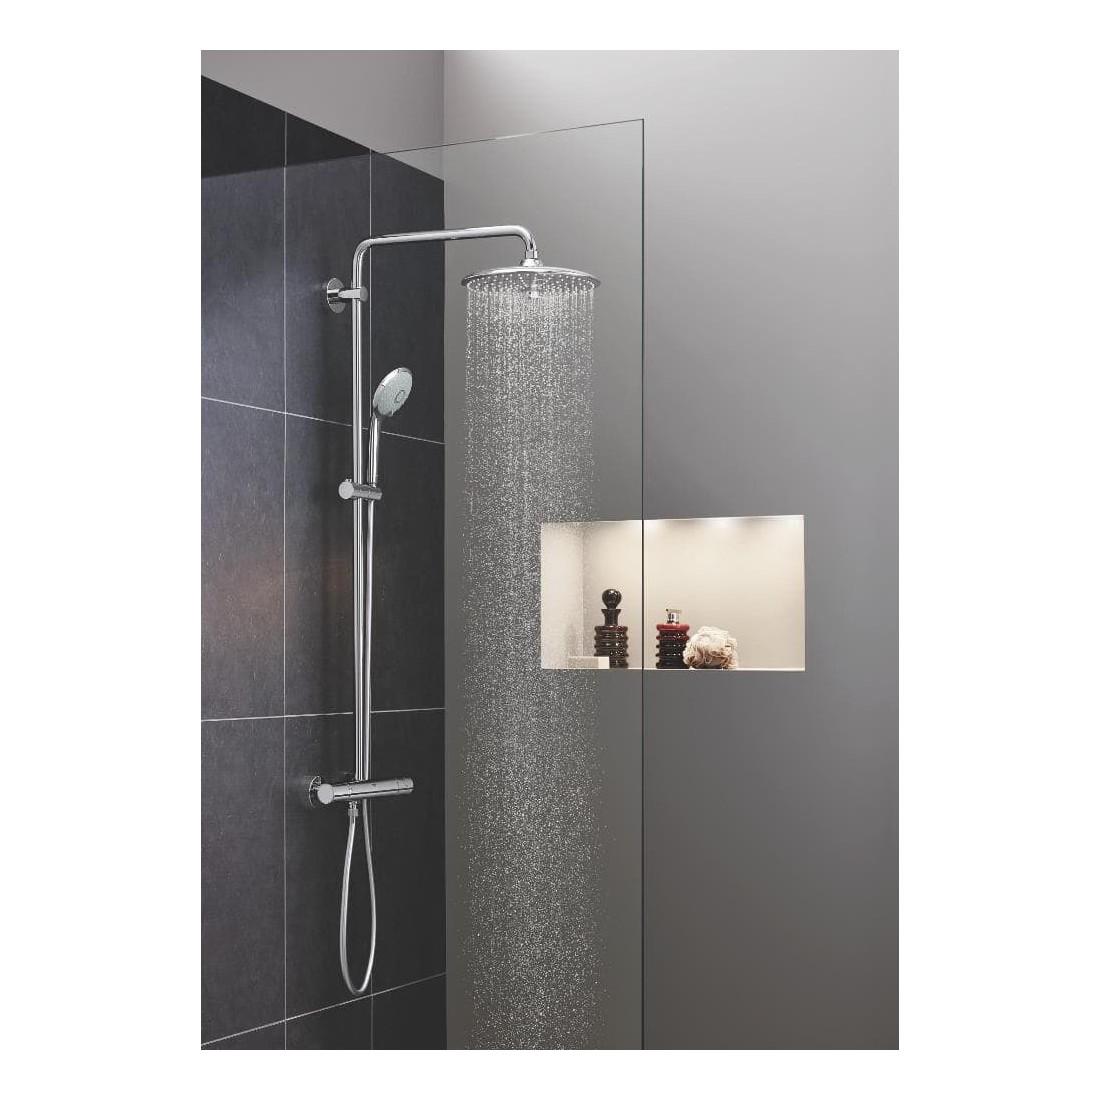 Stacionari dušo sistema Grohe, Euphoria 260, su termostatiniu maišytuvu ir lietaus zonų reguliavimu